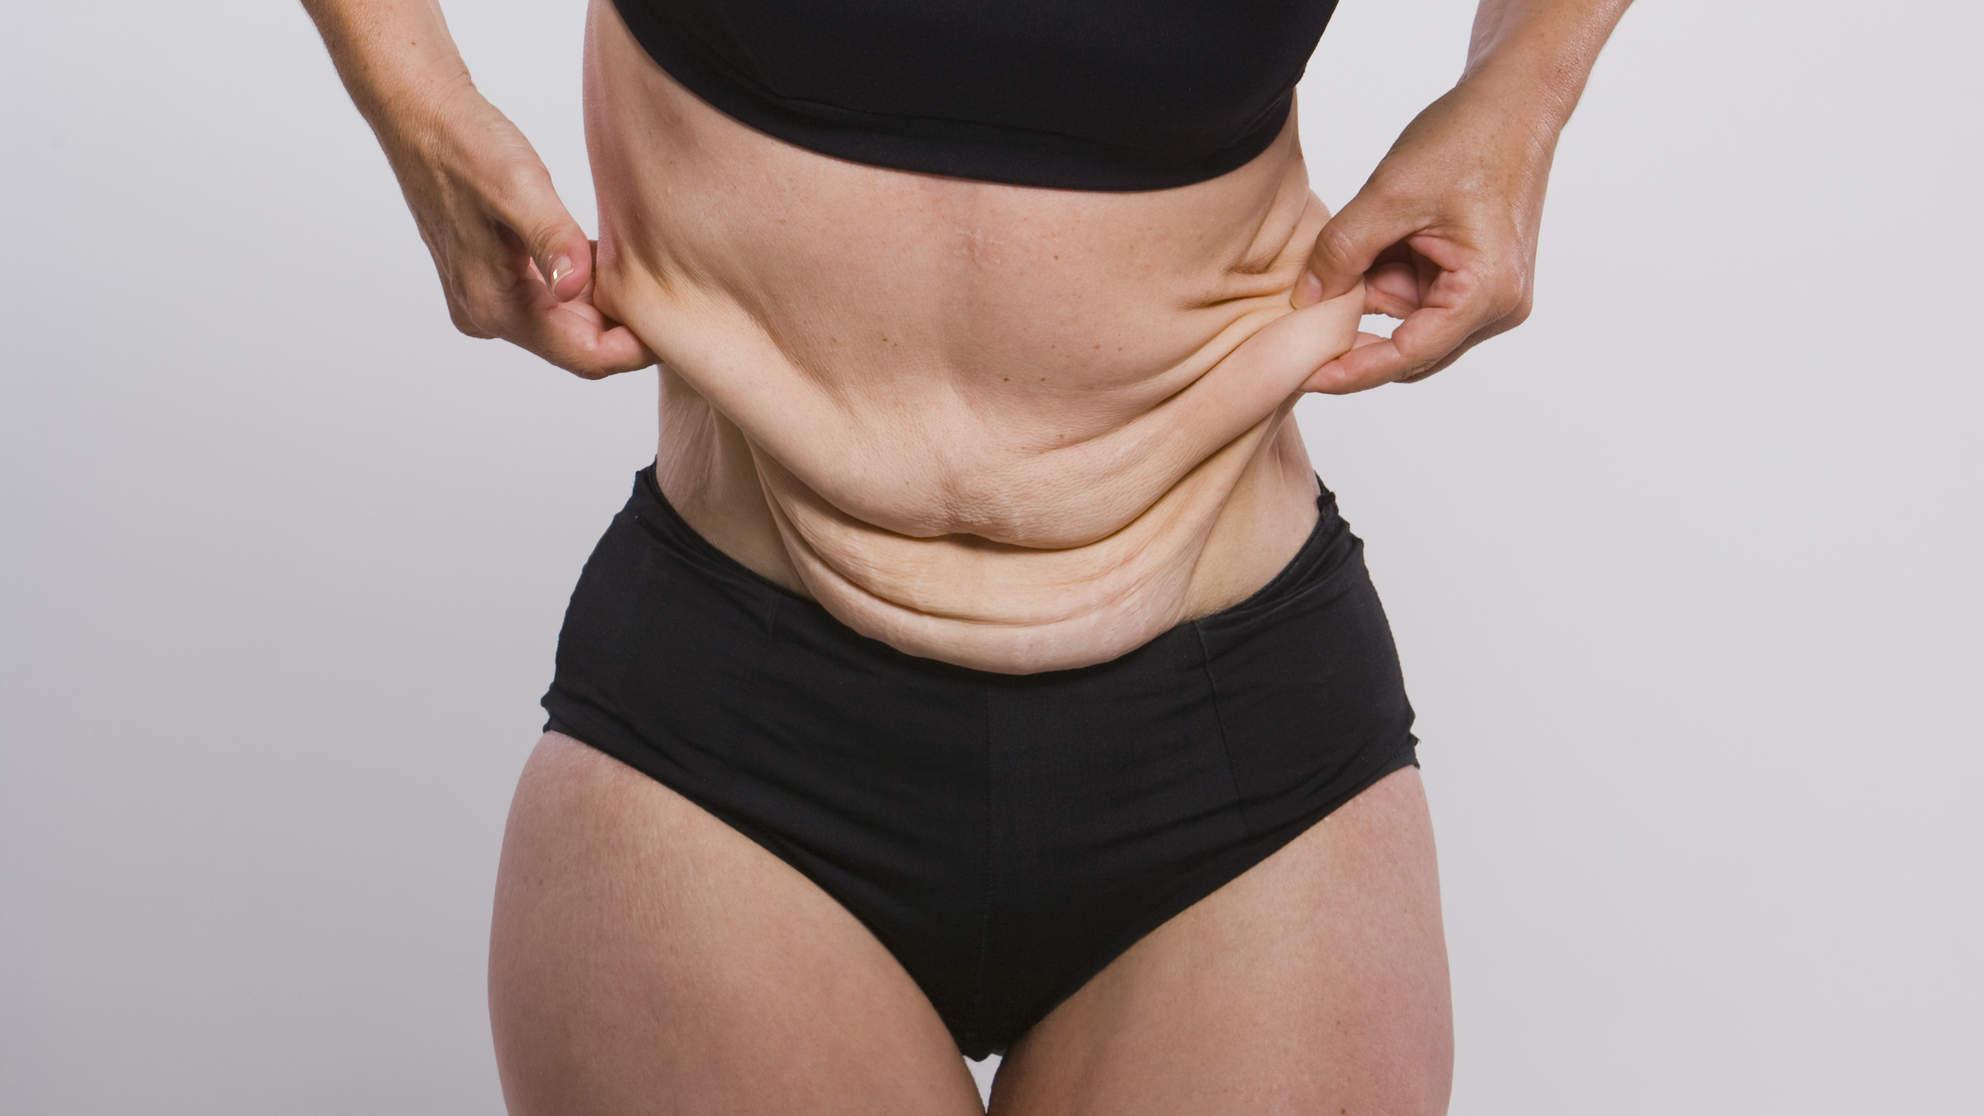 rasva poletamine ab rutiinne tracy hendersoni kaalulangus